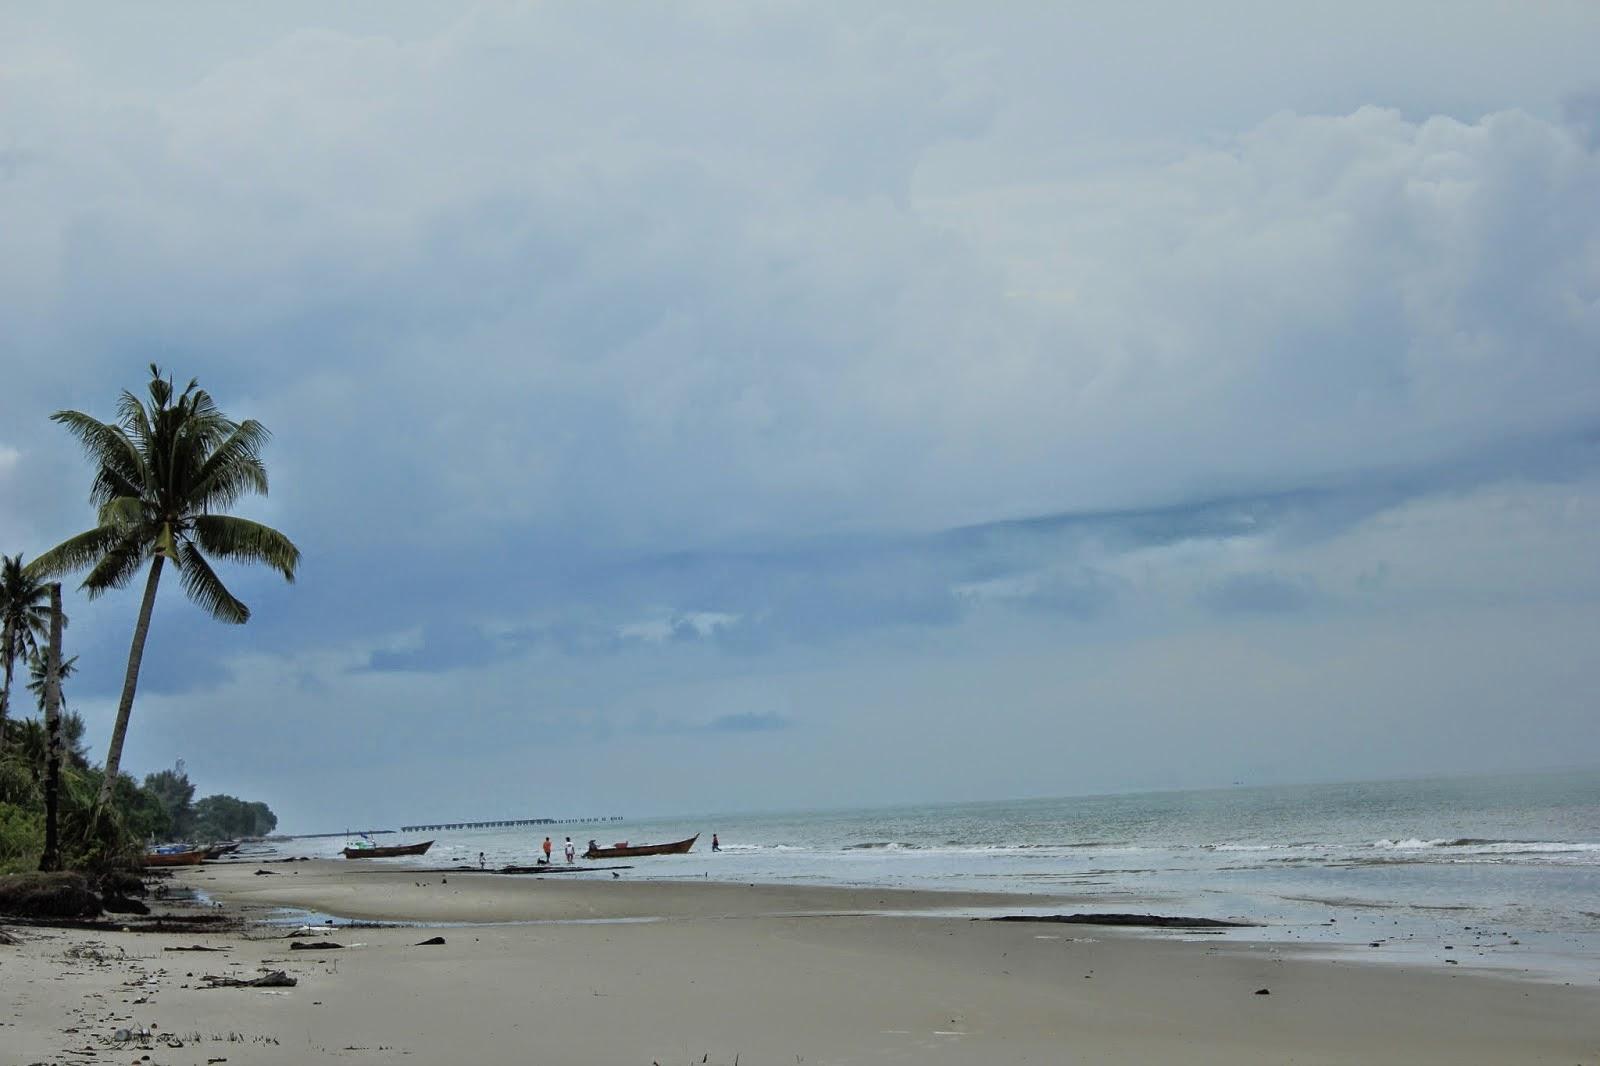 Objek Wisata Pulau Rupat Riau - The Hidden Paradise